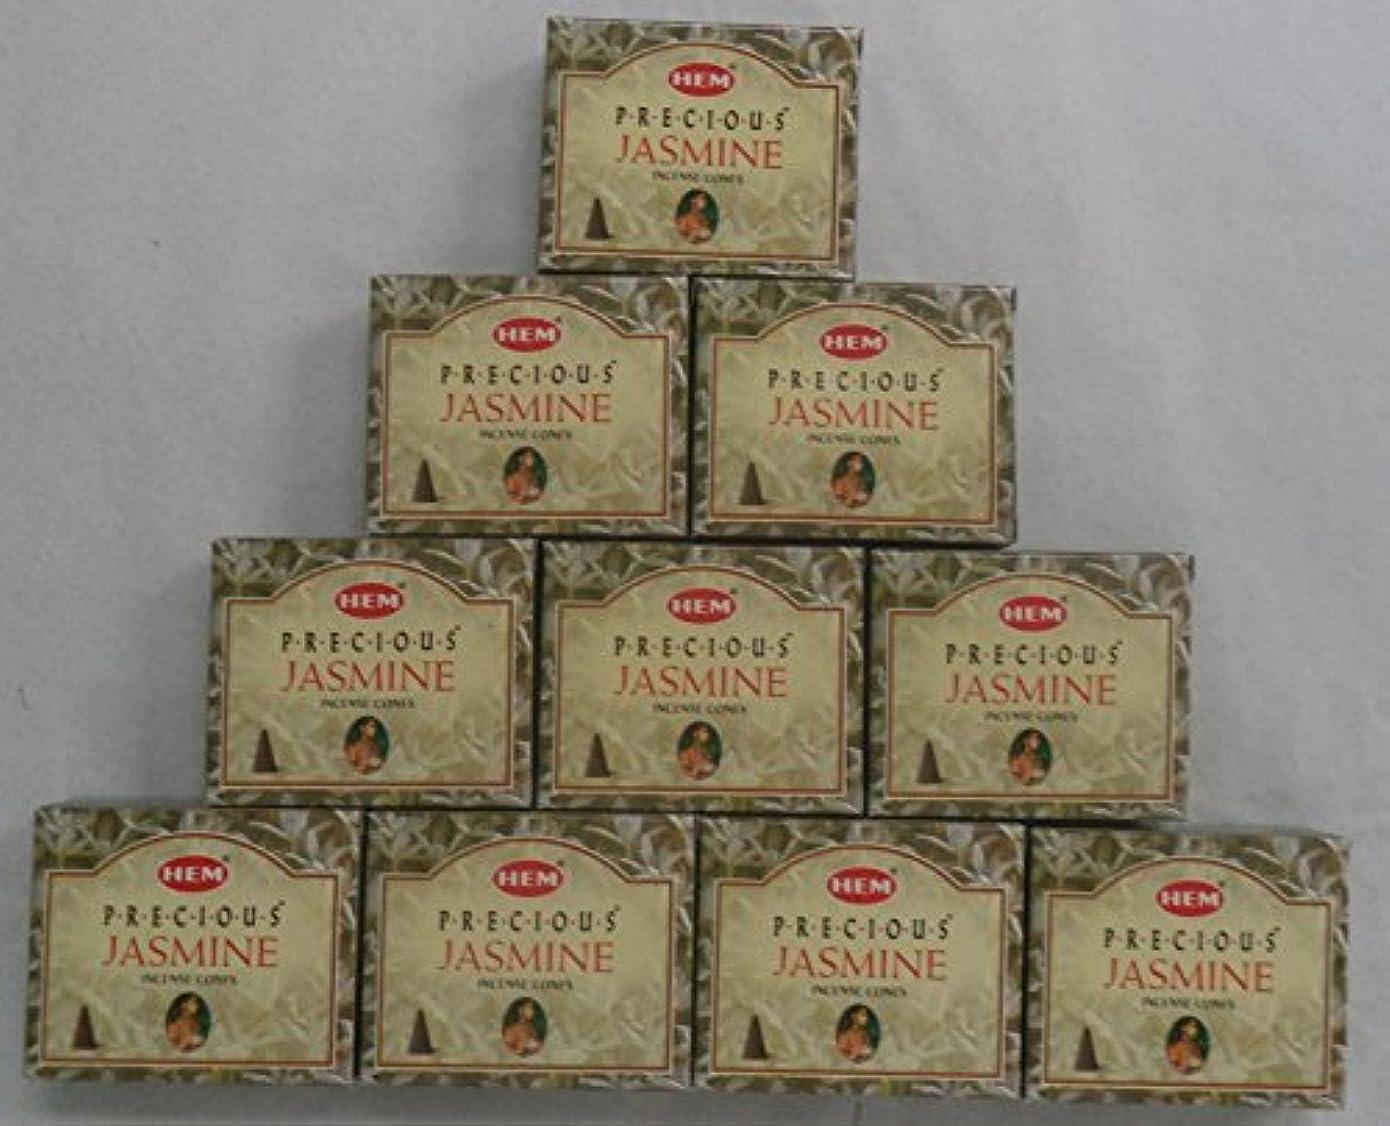 同僚ぴったりどこでもHEM Incense Cones: Precious Jasmine - 10 Packs of 10 = 100 Cones by Hem